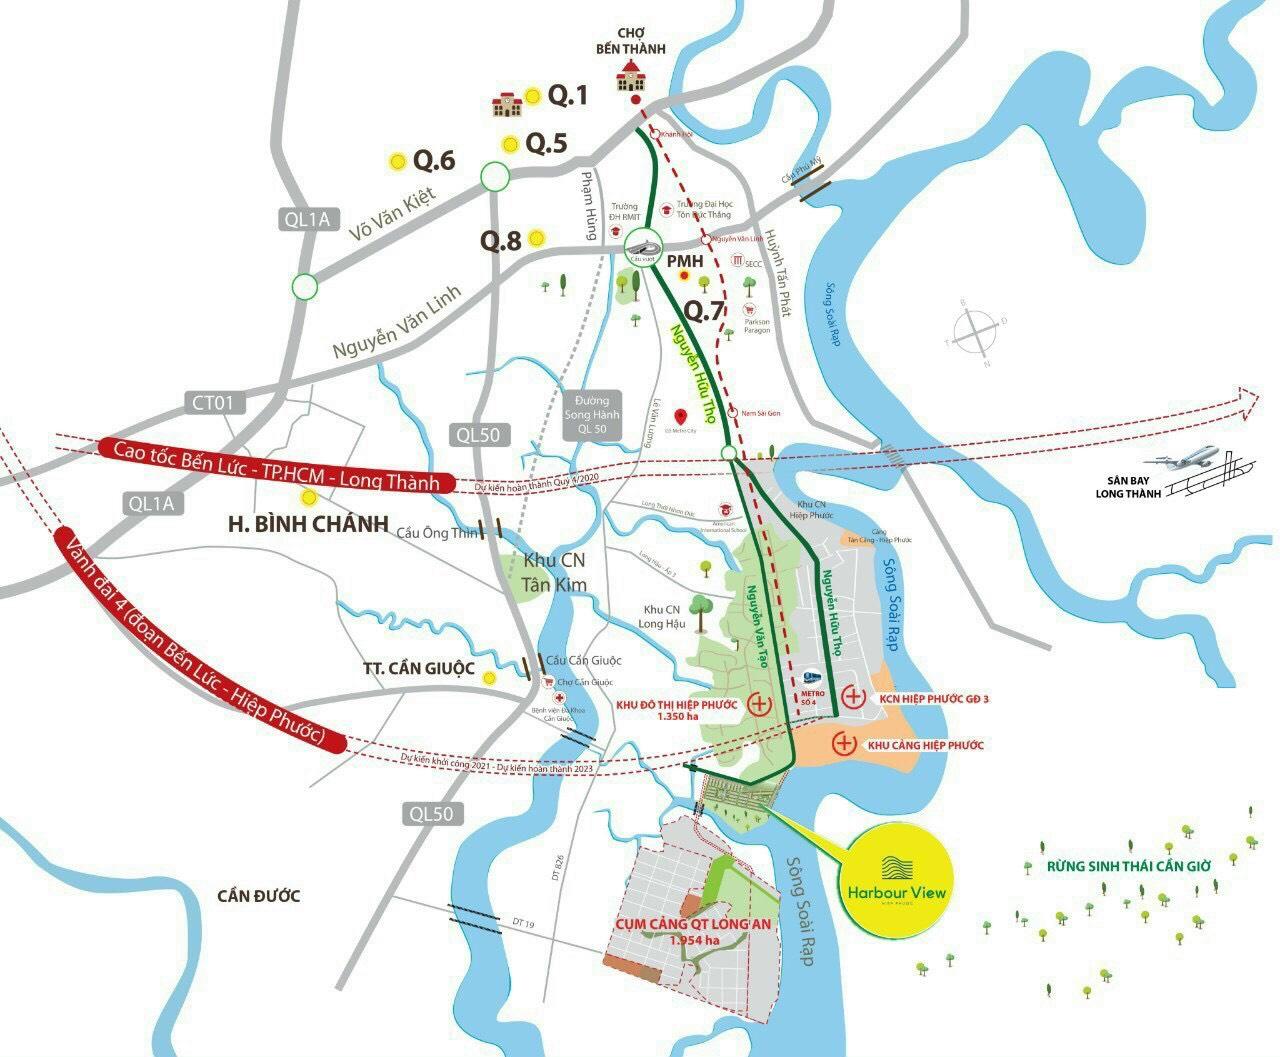 Cập nhật bảng giá Hiệp Phước Harbour View | Giá Bán Mới Nhất【03/2021】Từ Chủ Đầu Tư Thuận Thành 2021 6